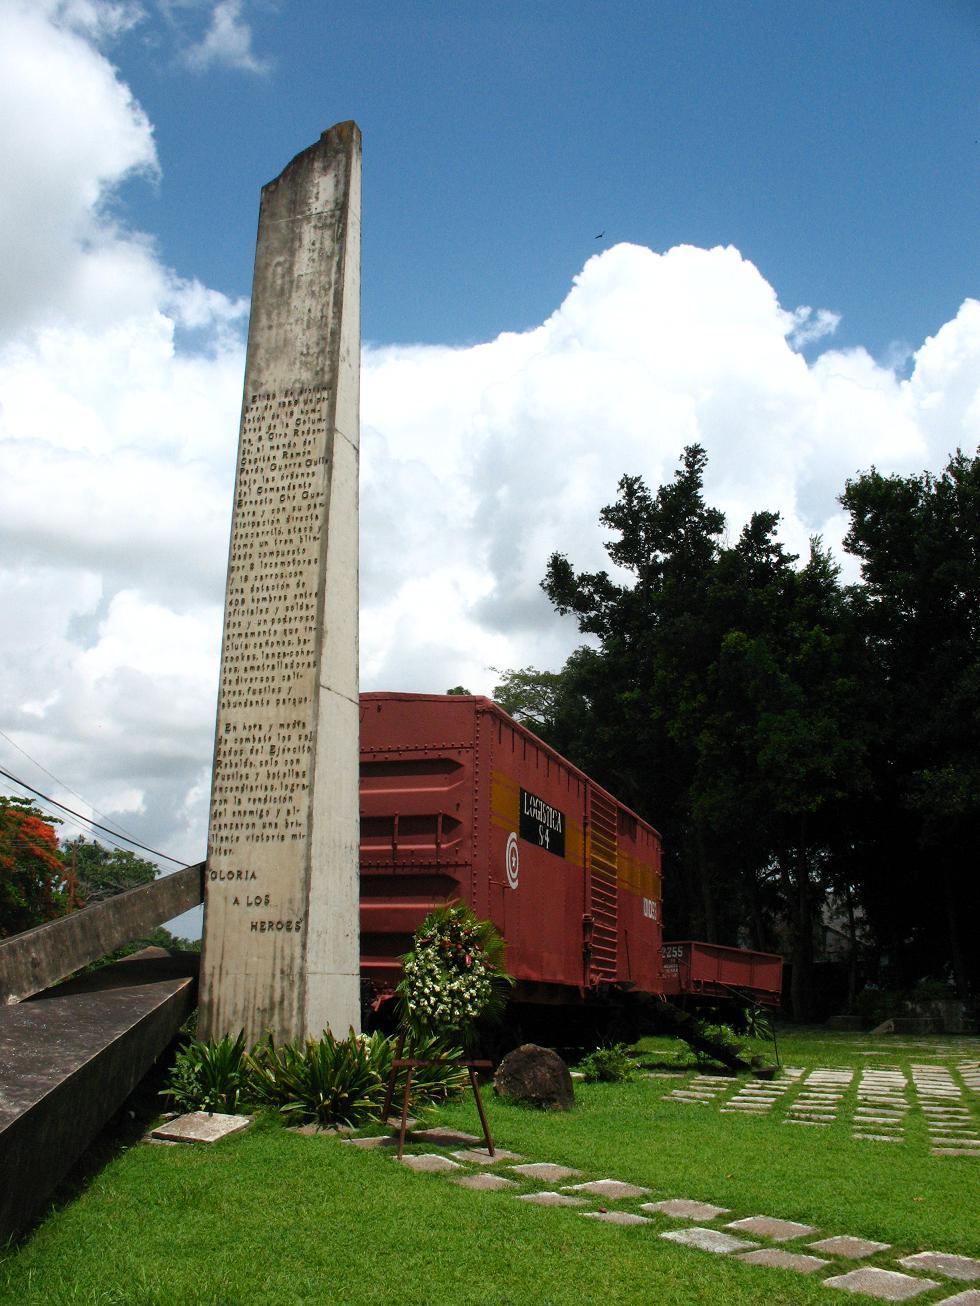 Tren blindado capturado por el Che, hoy convertido en monumento a las afueras de Santa Clara.